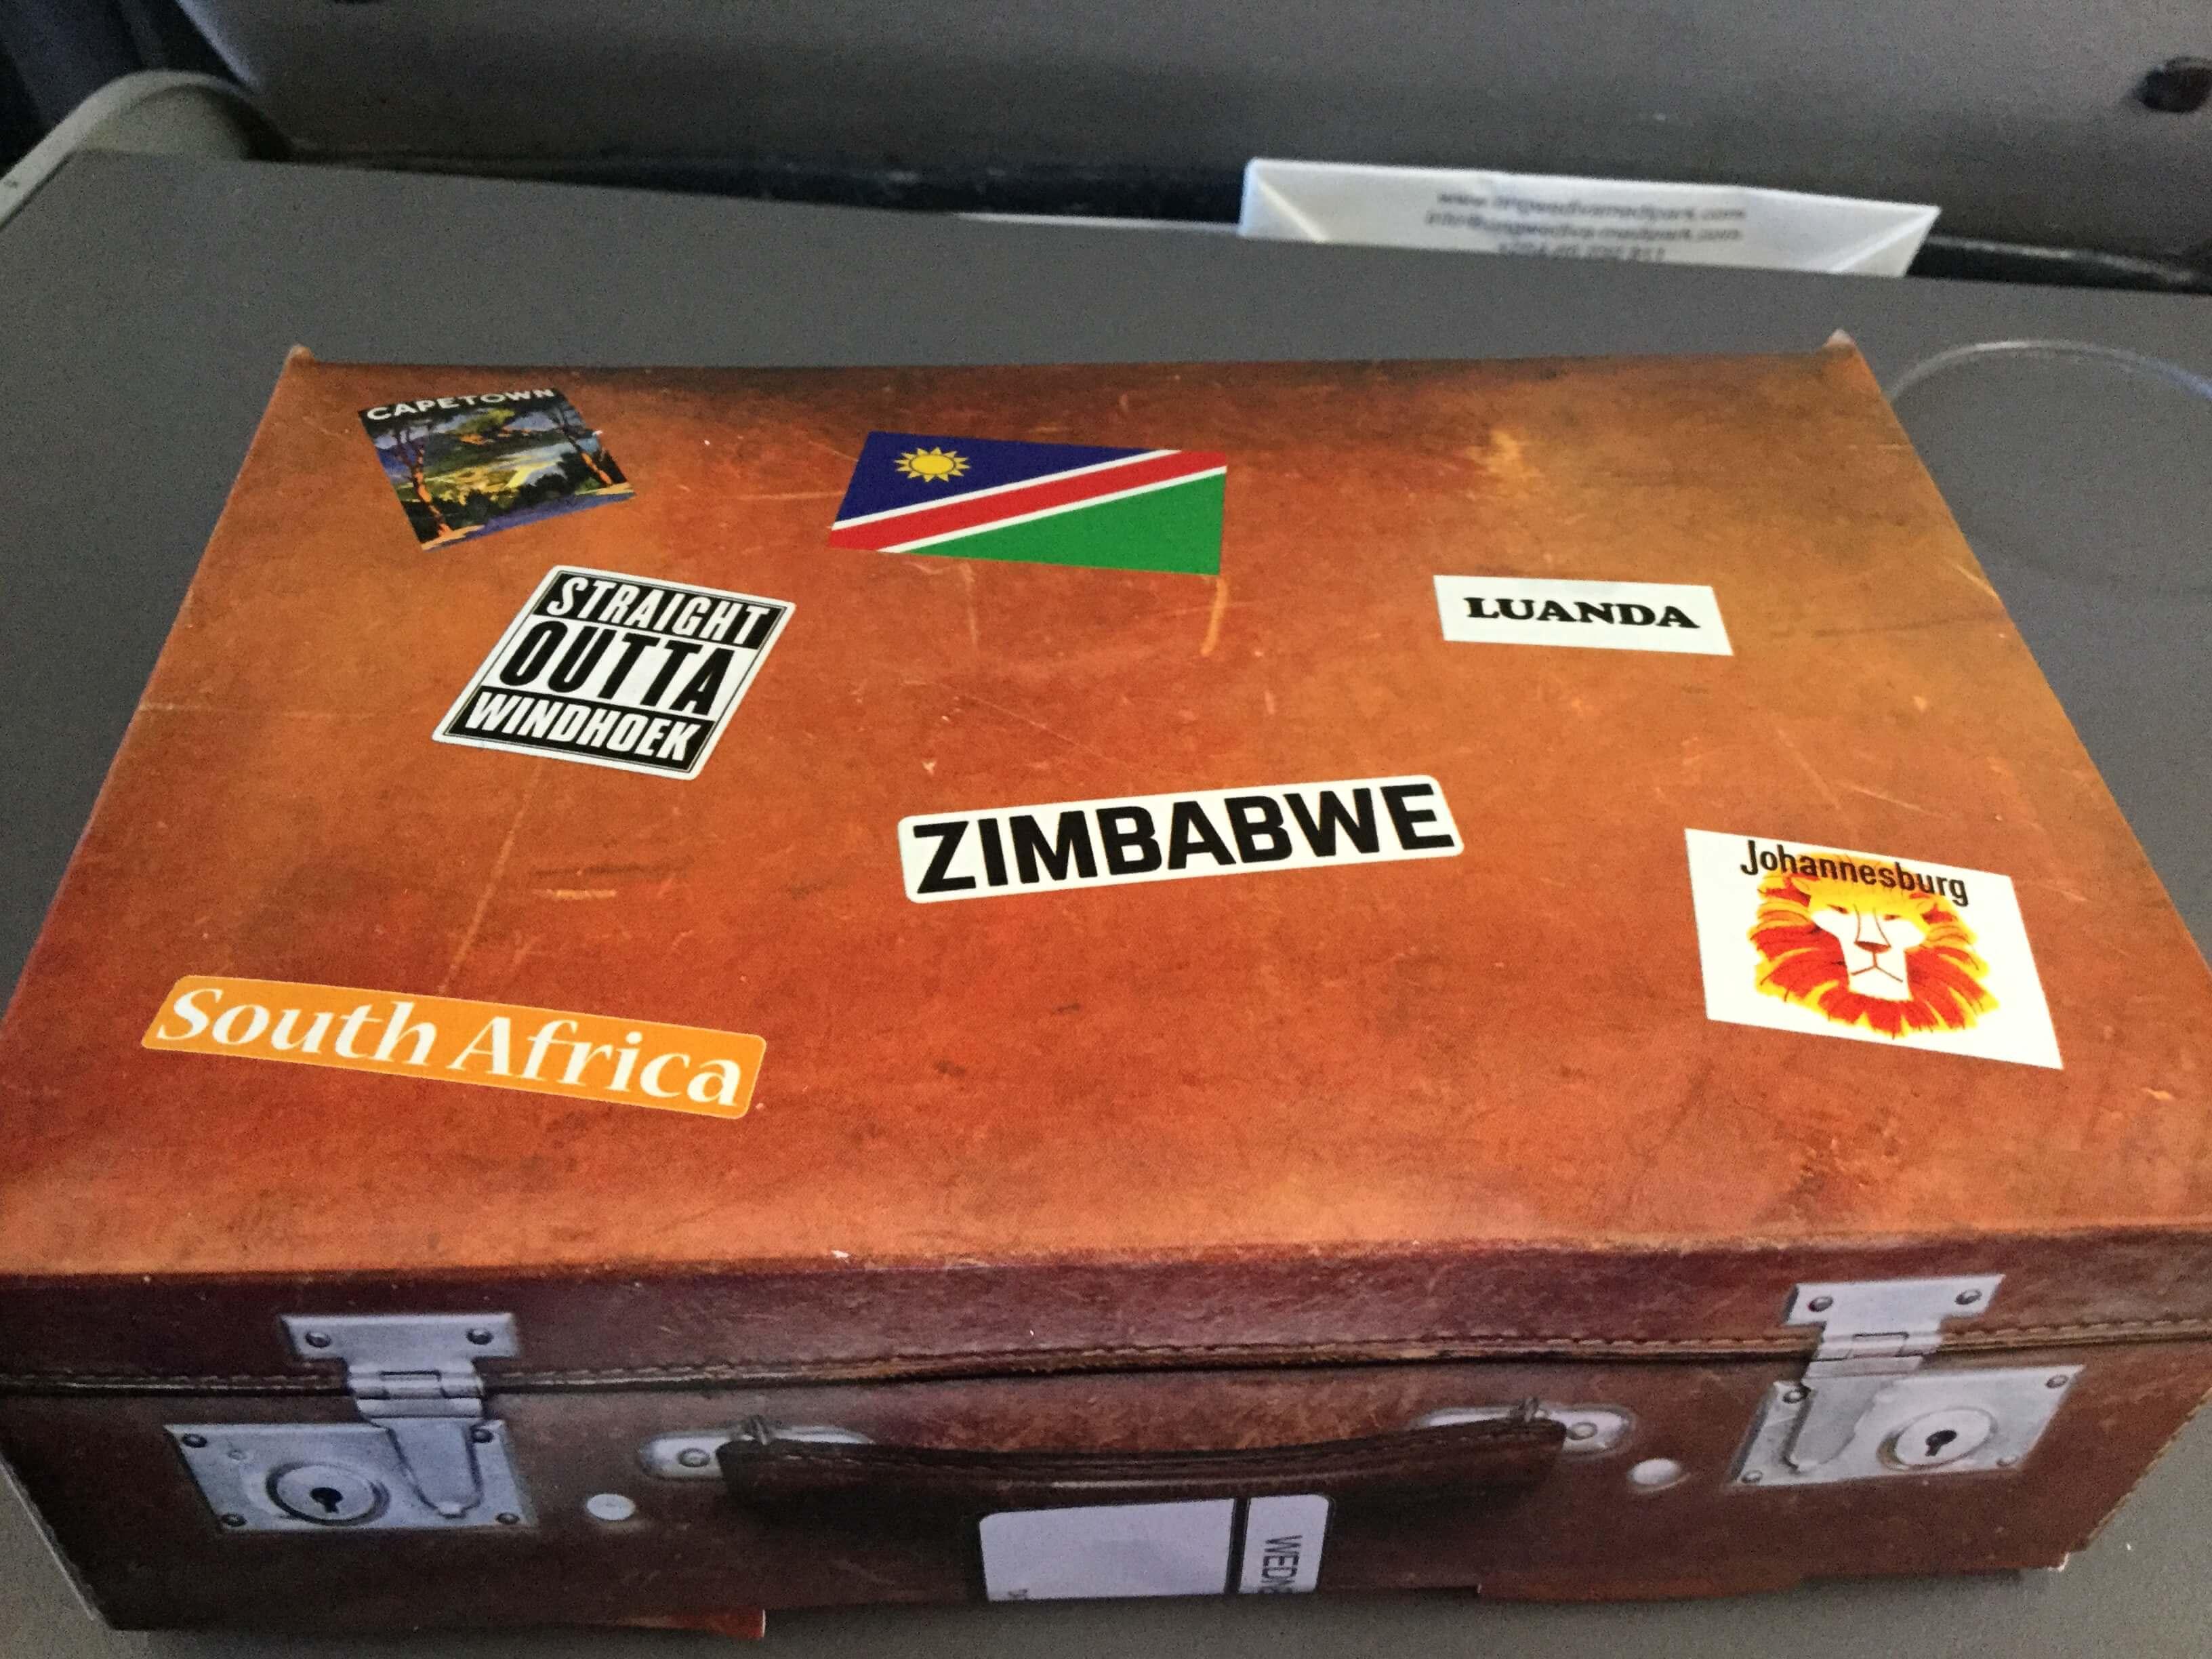 IMG 0296 - 【ジンバブエ旅行記3】初めてのアフリカ・ジンバブエひとり旅!青年海外協力隊のギャップと生き方